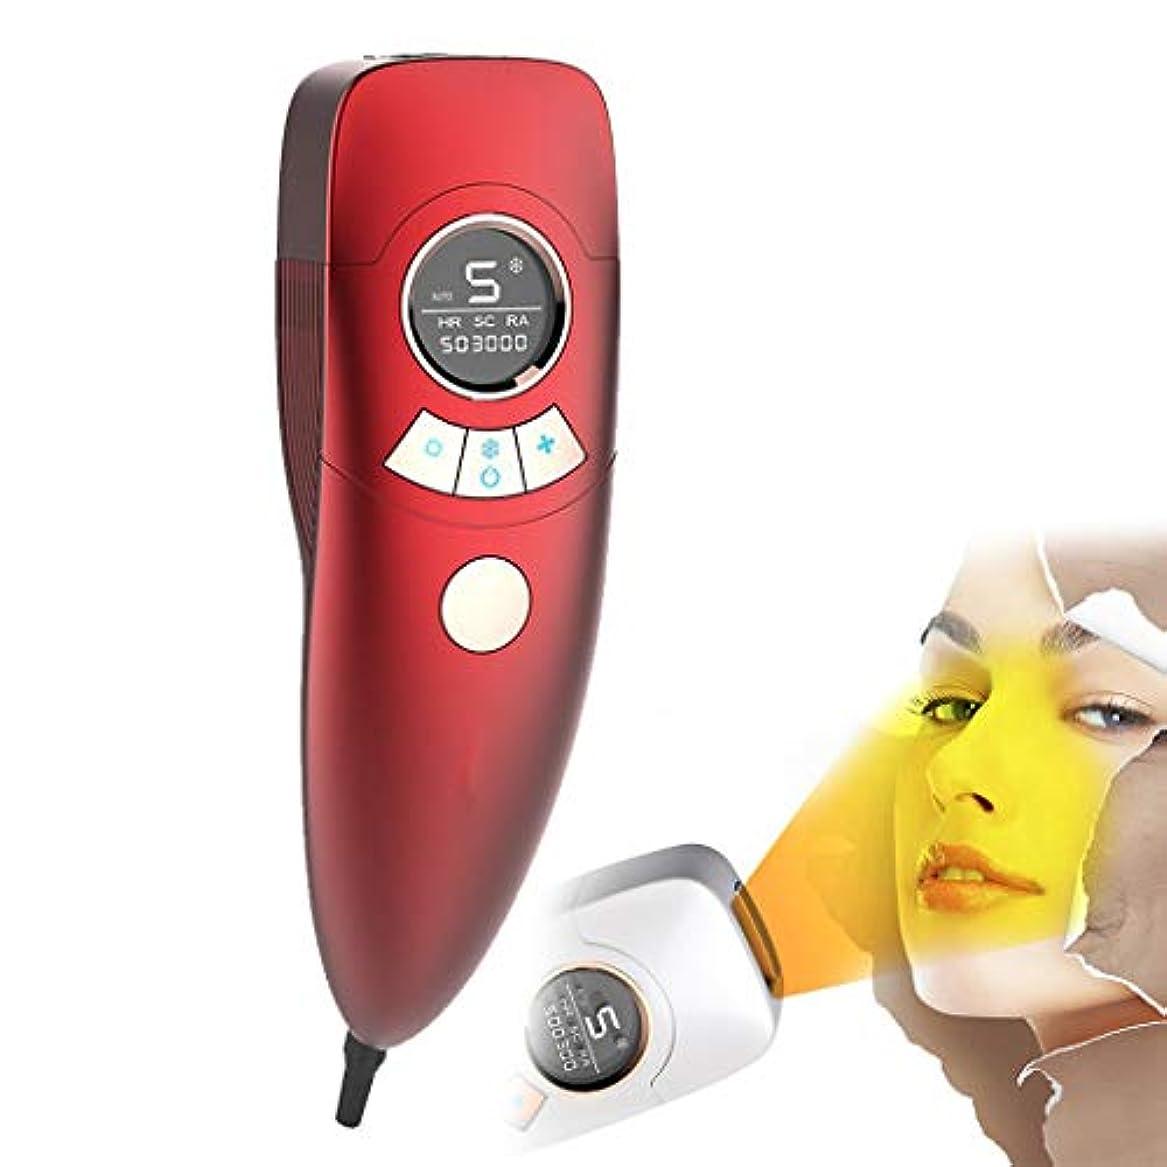 焦げ条件付き貞電気脱毛装置は痛みがありません女性4で1充電式電気脱毛器の髪、ビキニエリア鼻脇の下腕の脚の痛みのない永久的な体毛リムーバー-red